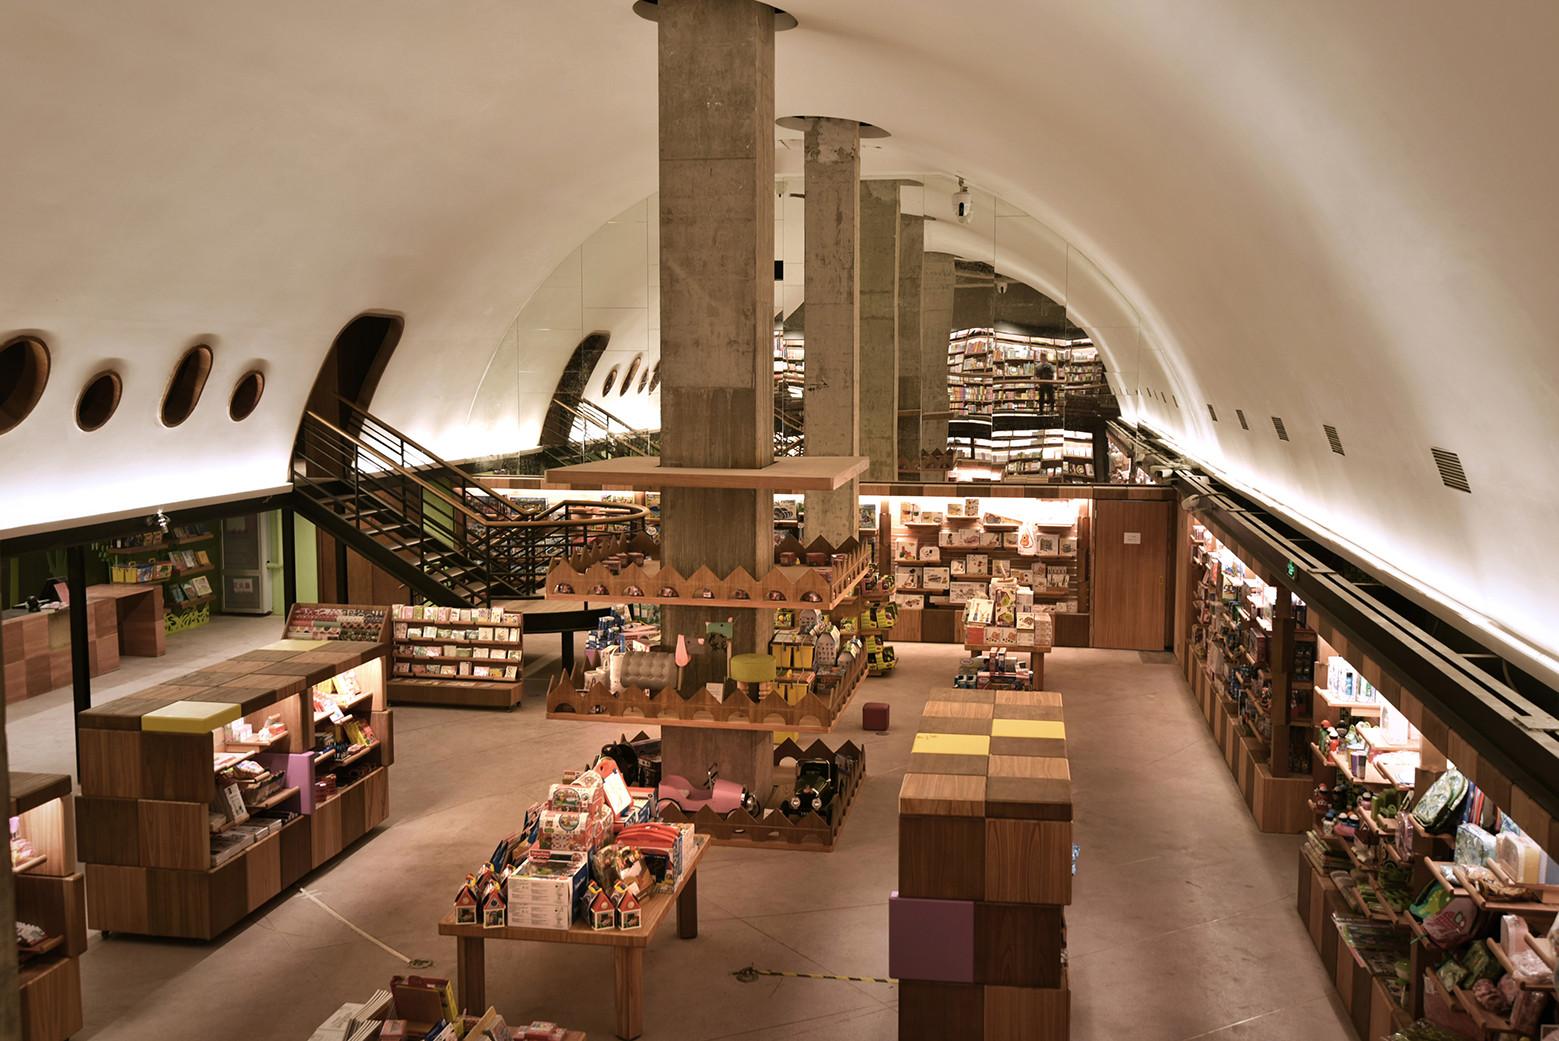 Fangsuo Book Store In Chengdu Chu Chih Kang